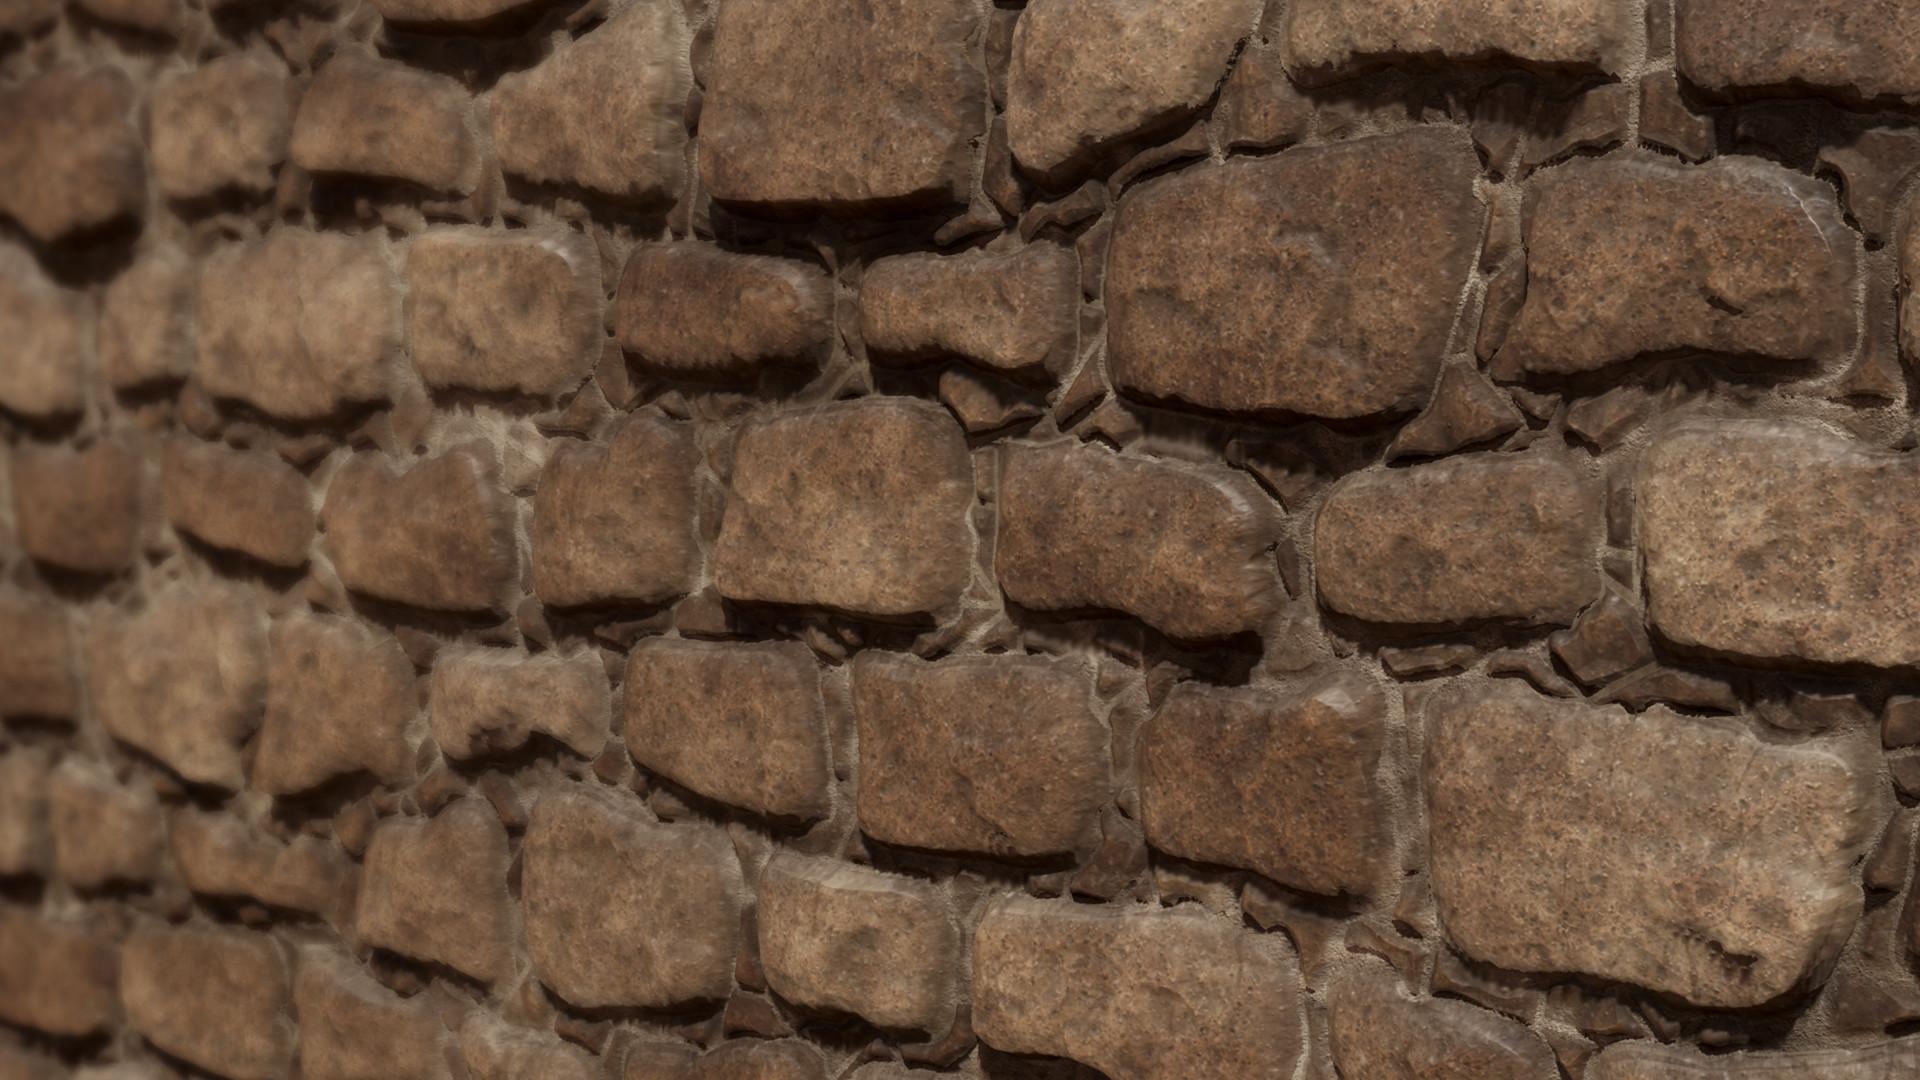 Ole midthun stone wall 2 render 3